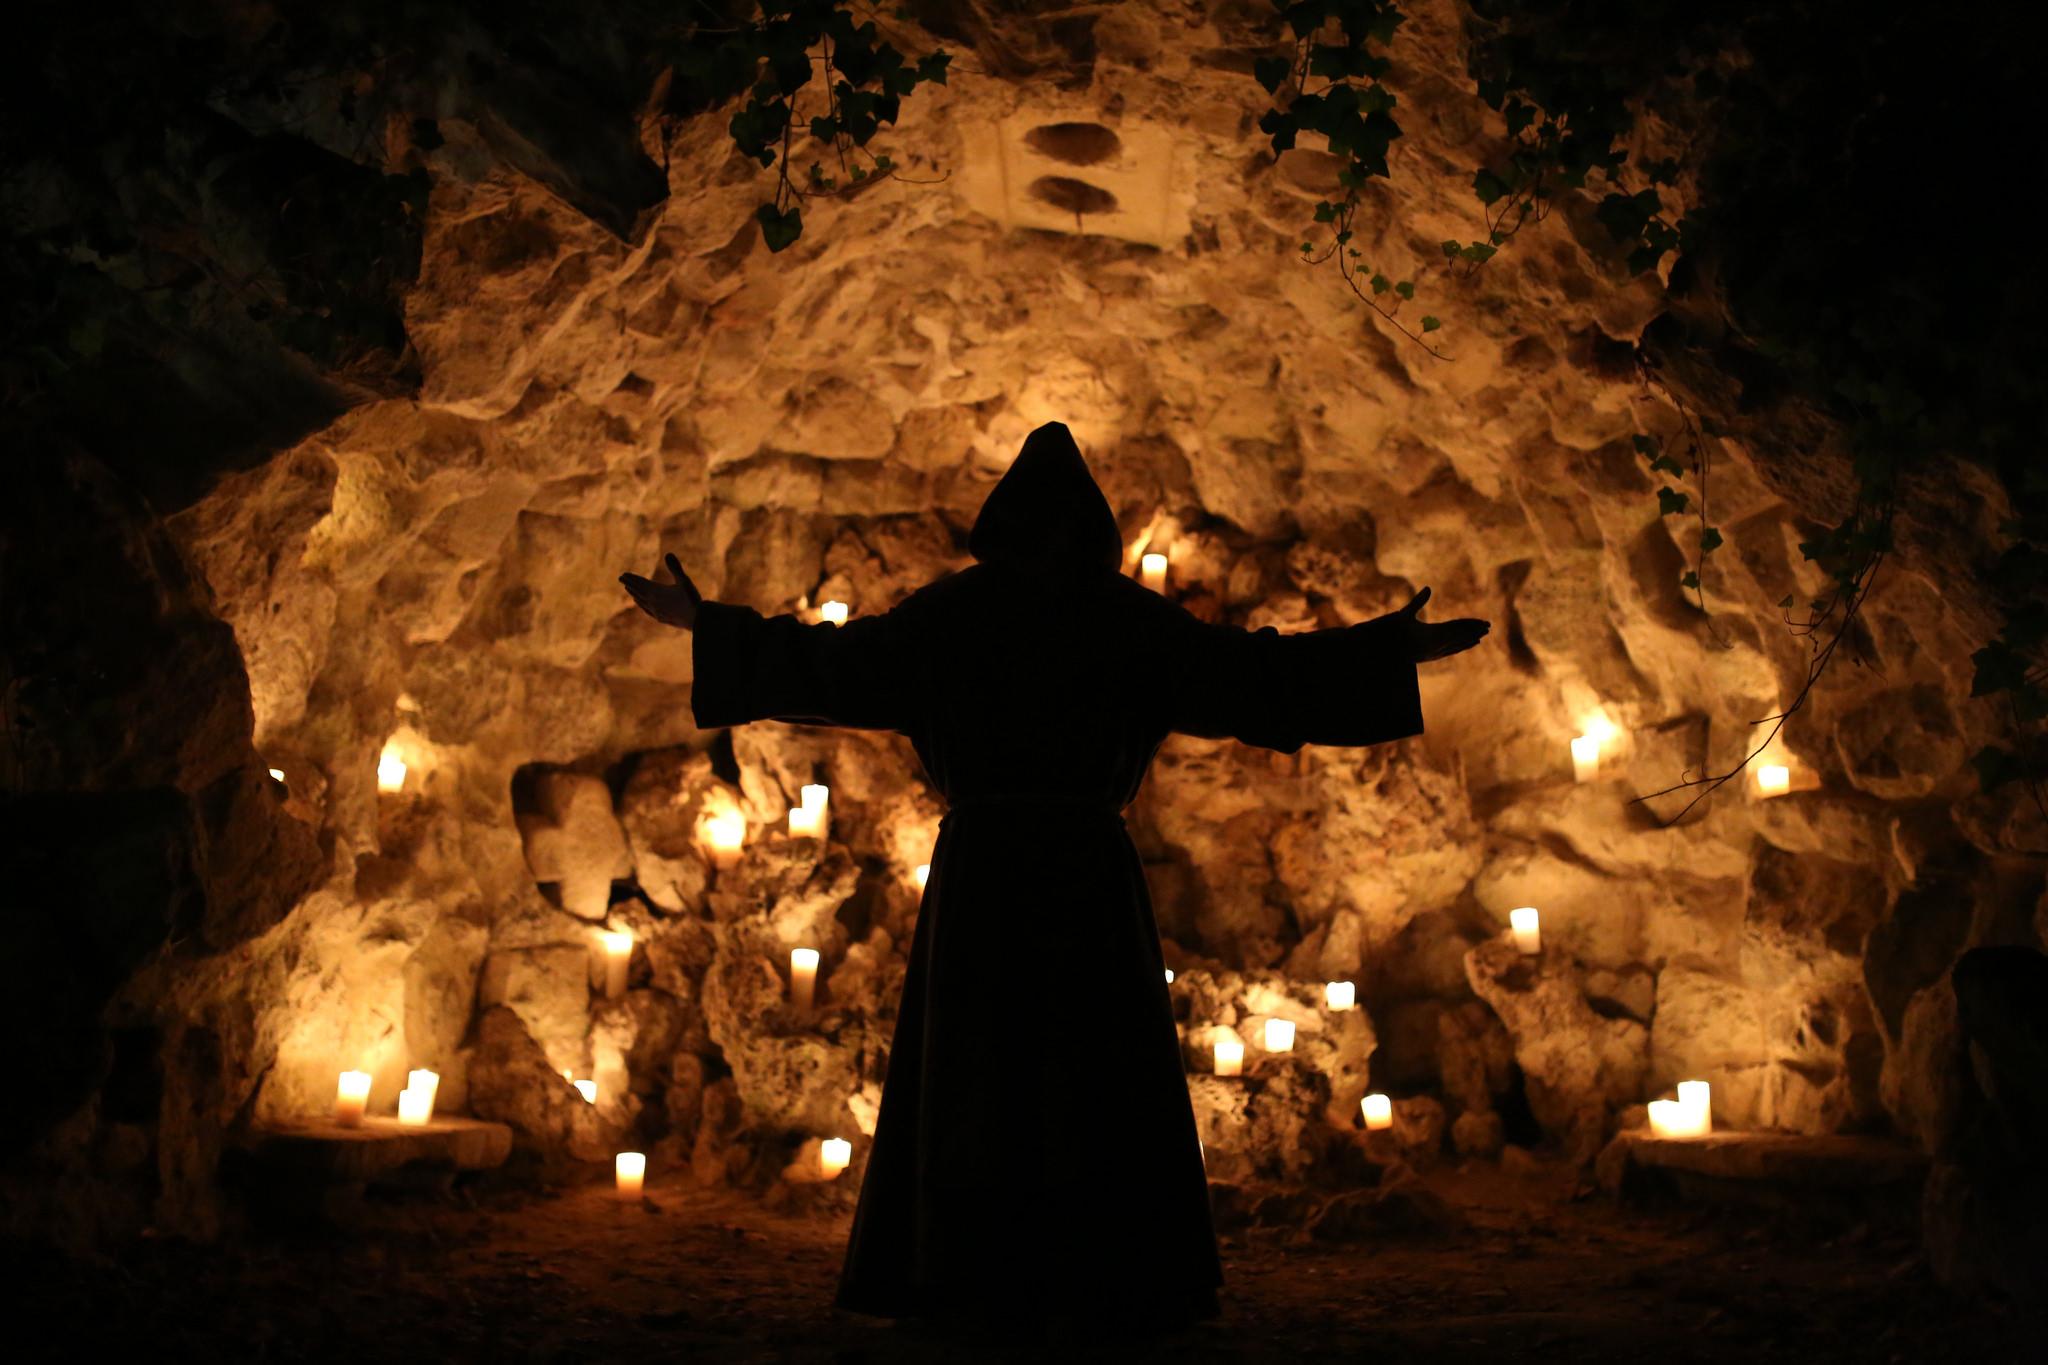 the-last-monastery-agence-wato-soiree-anniversaire-5-ans-paris-secret-moine-grotte-mystique